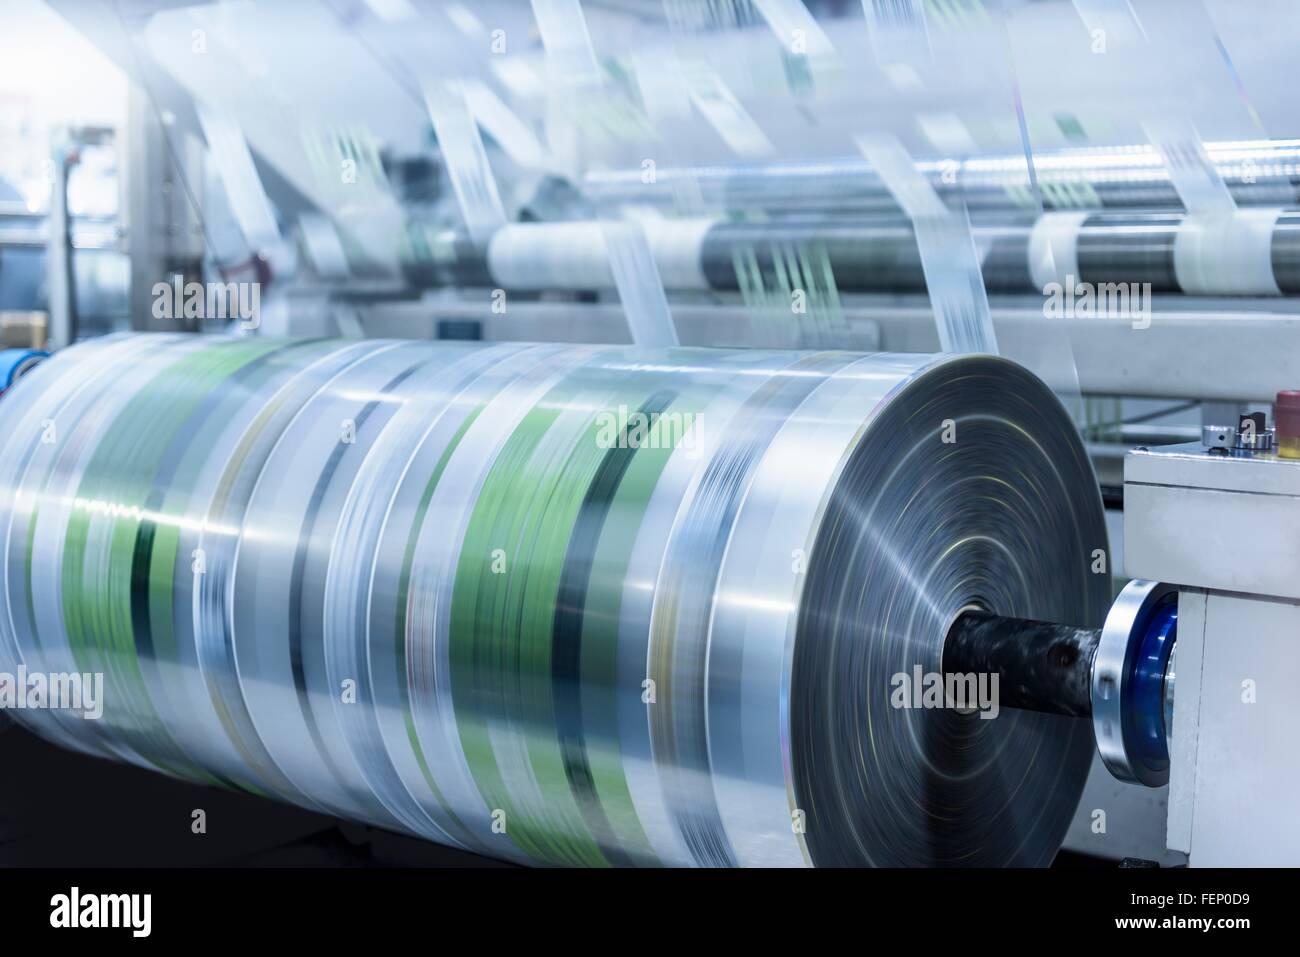 Rouleaux de film plastique imprimé dans l'emballage alimentaire l'usine d'impression Photo Stock